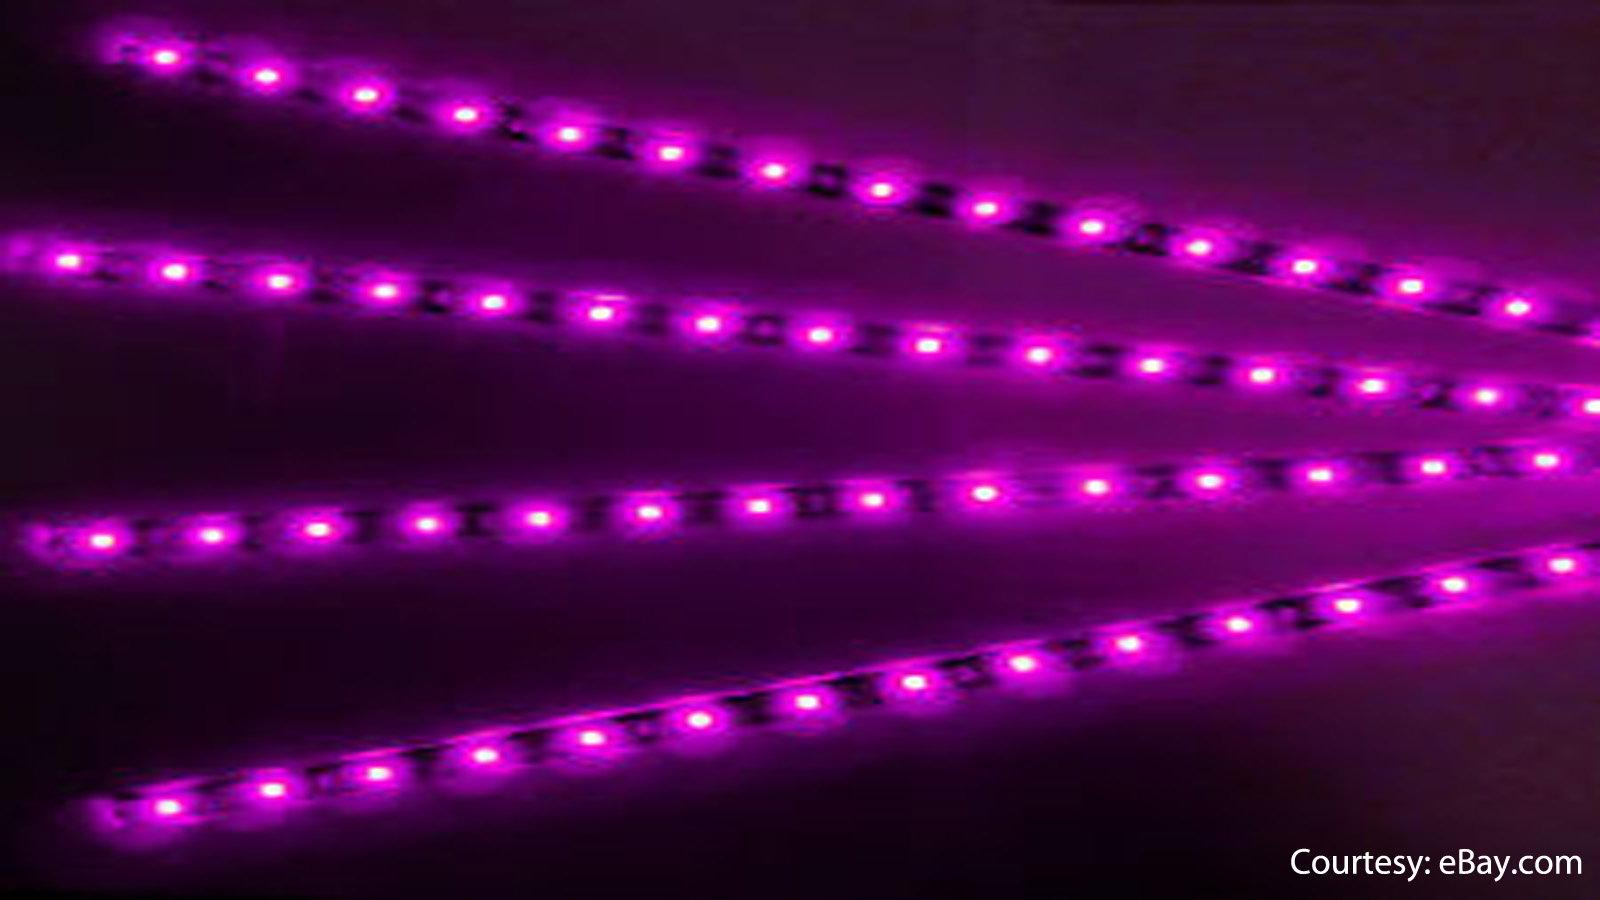 6. LED Strips